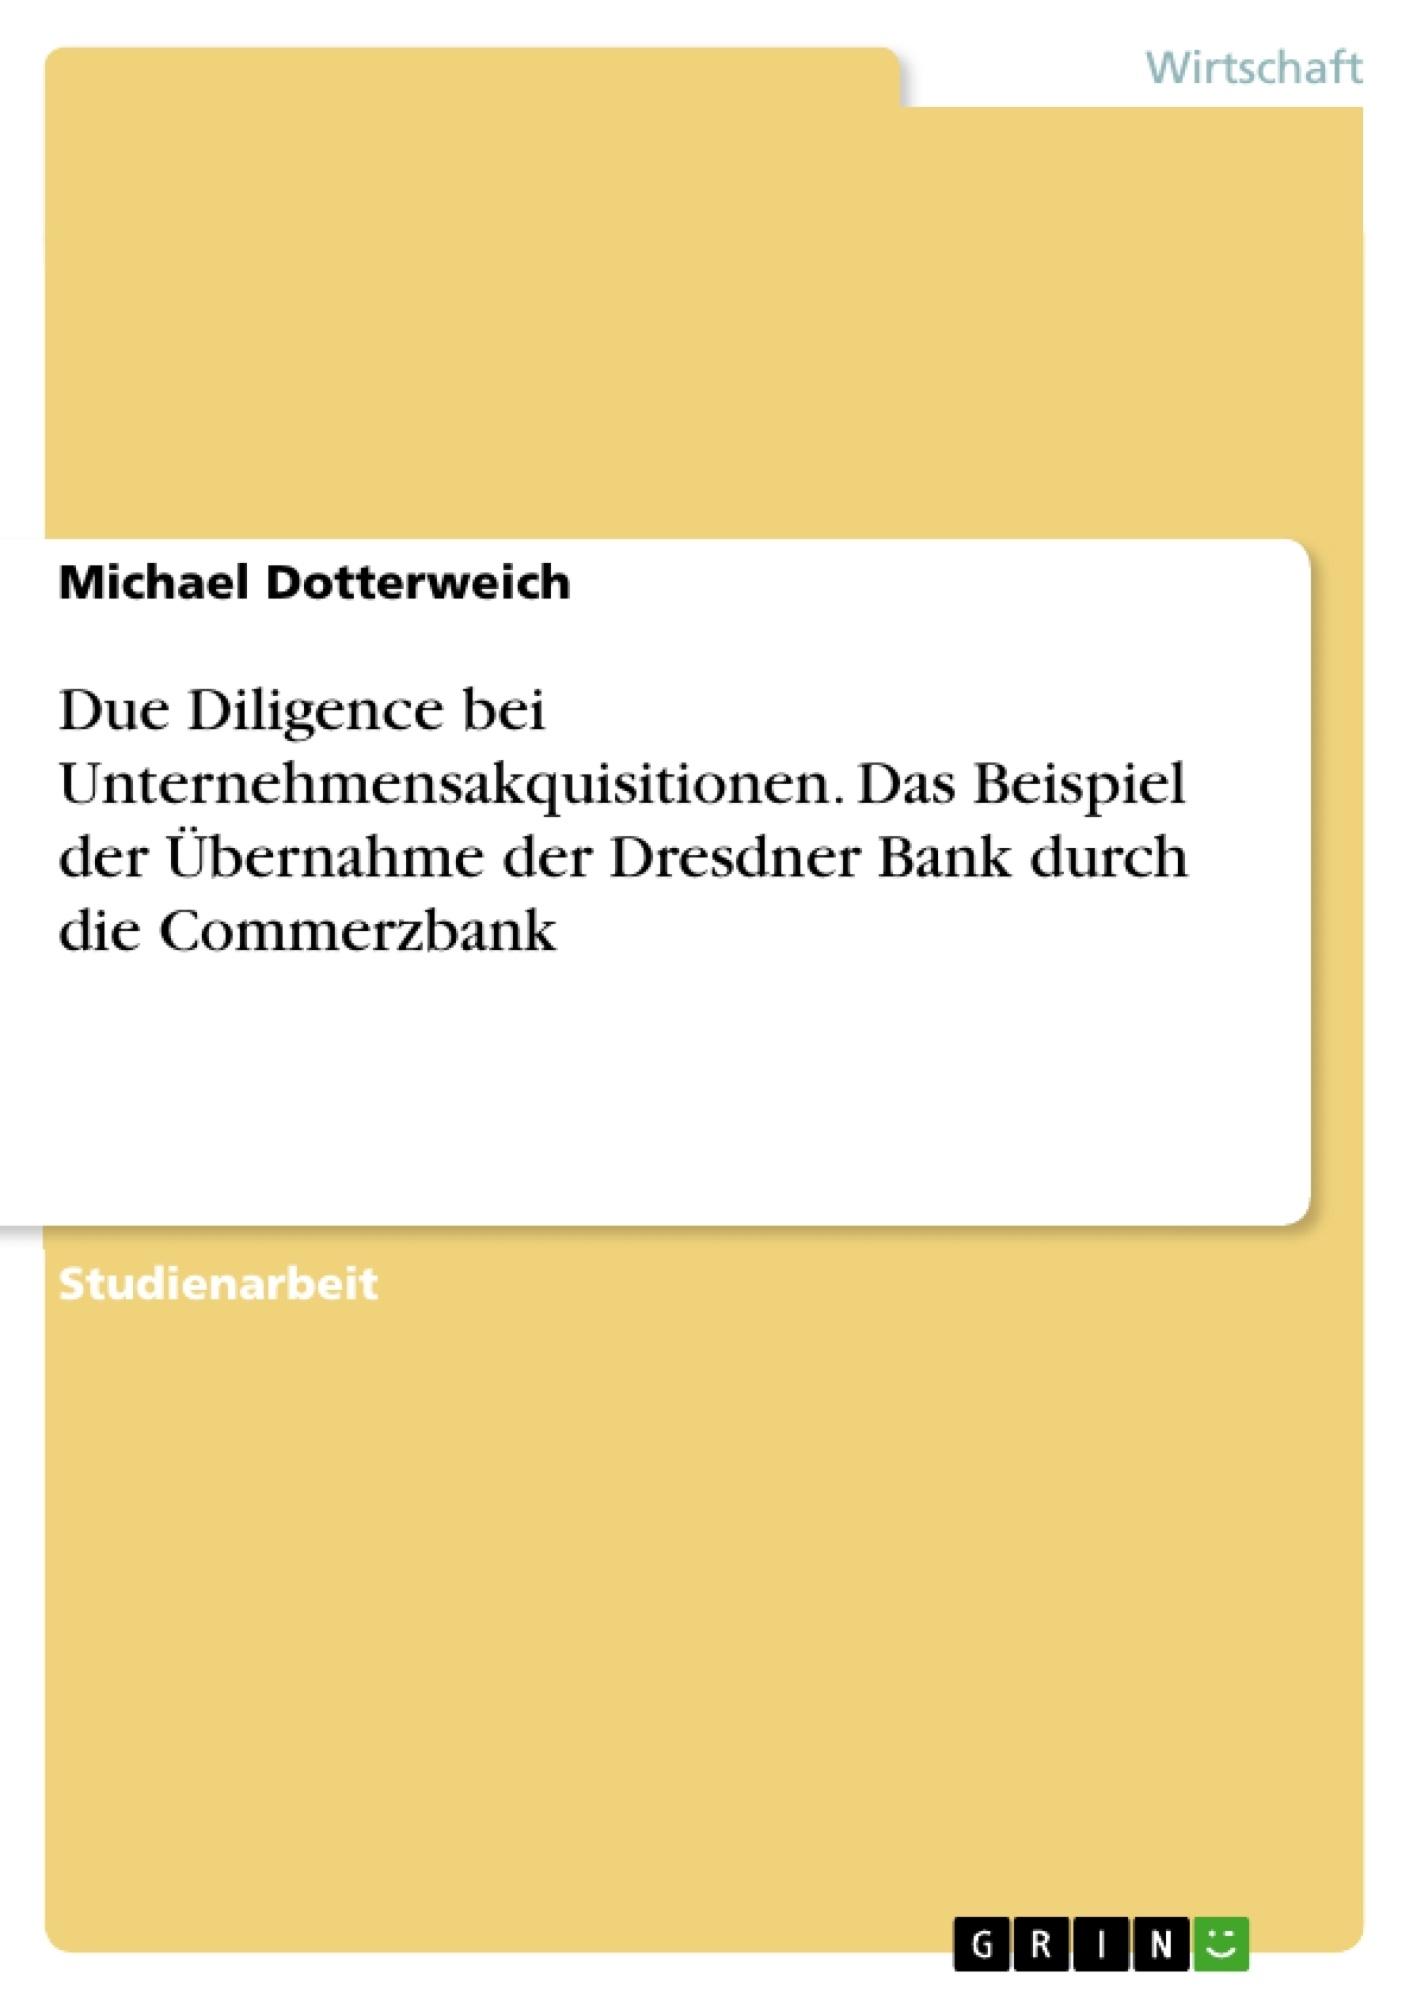 Titel: Due Diligence bei Unternehmensakquisitionen. Das Beispiel der Übernahme der Dresdner Bank durch die Commerzbank